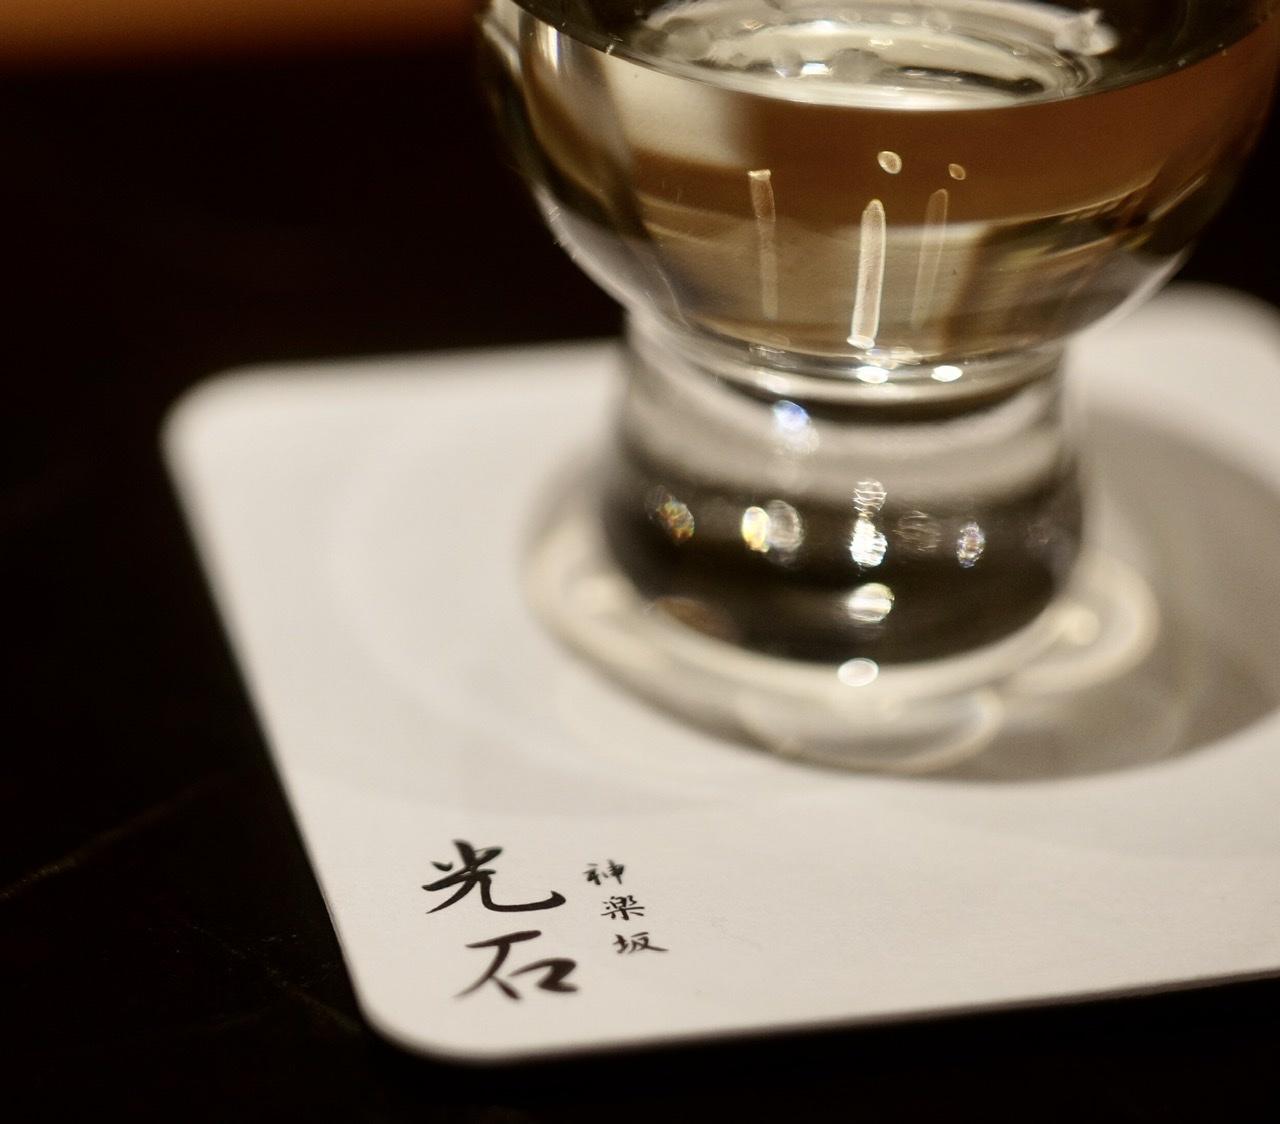 至高の晩餐 神楽坂光石Vol.2_c0180686_15133232.jpeg